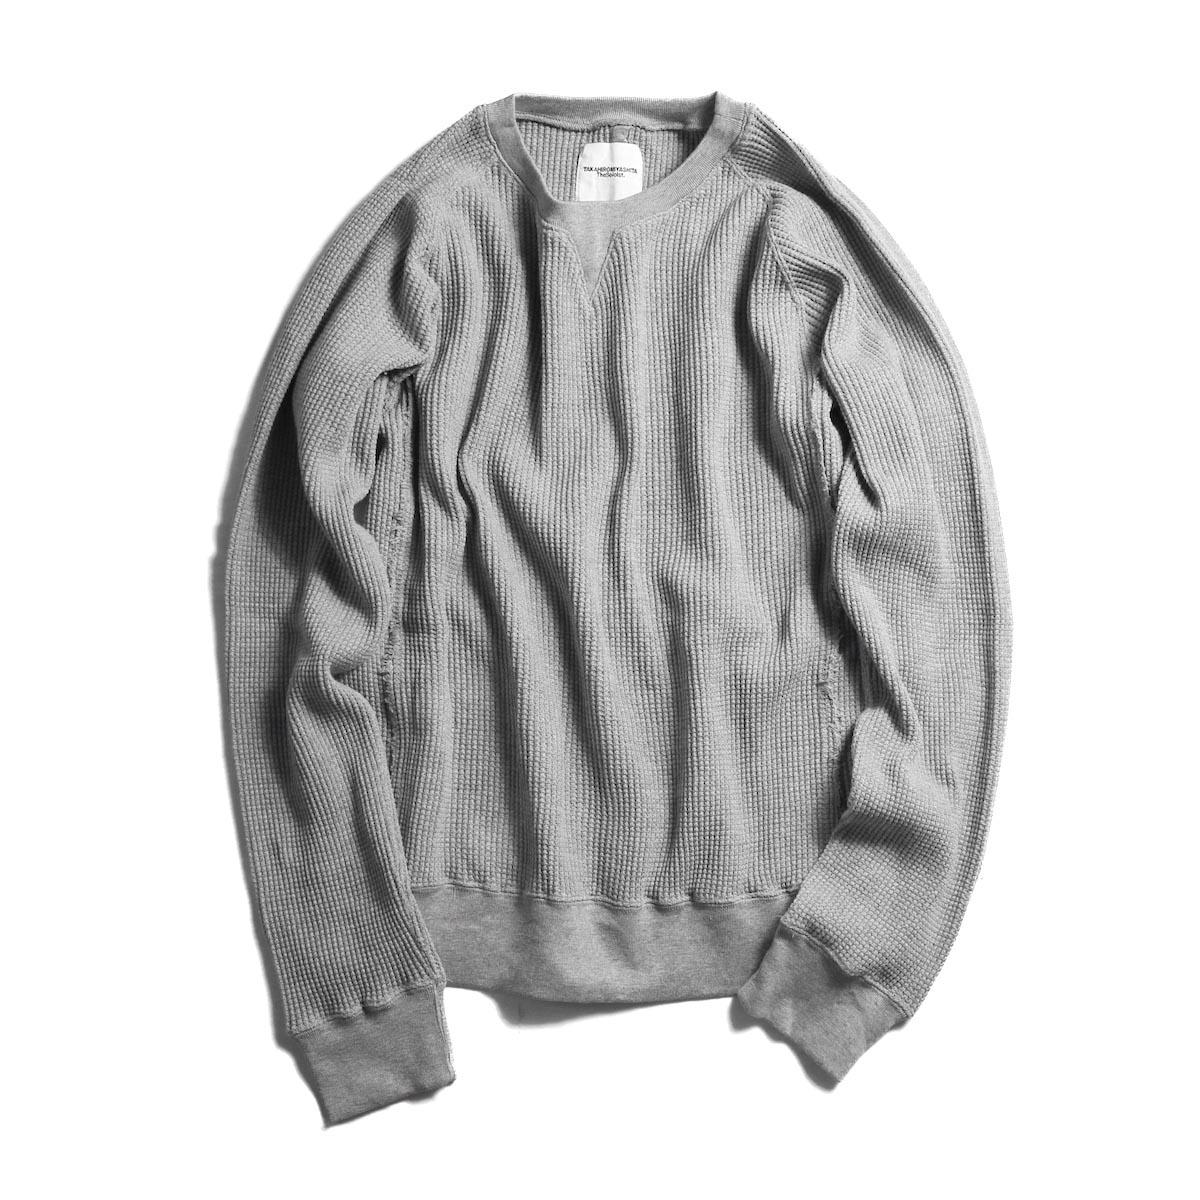 TheSoloist. / swc.0001bAW18 crew neck freedom l/s sweatshirt. (Gray)